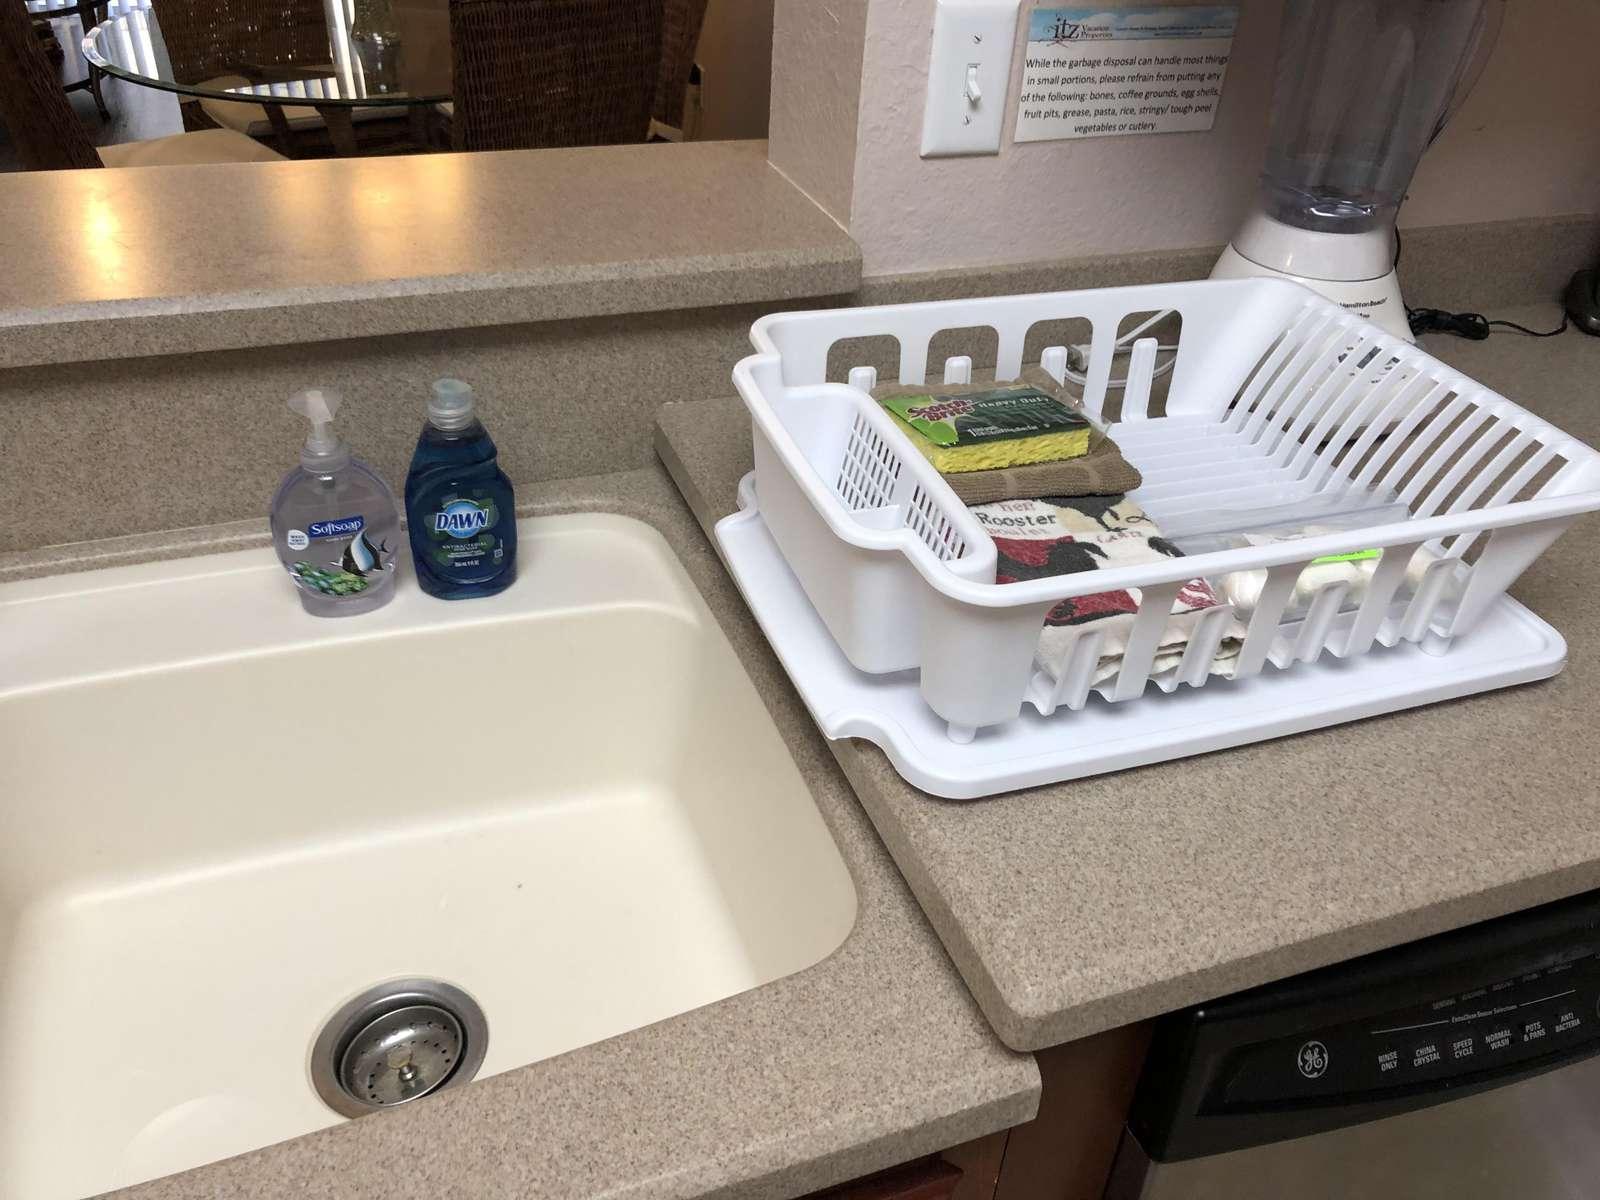 Dish soap, sponge and dishwasher tabs